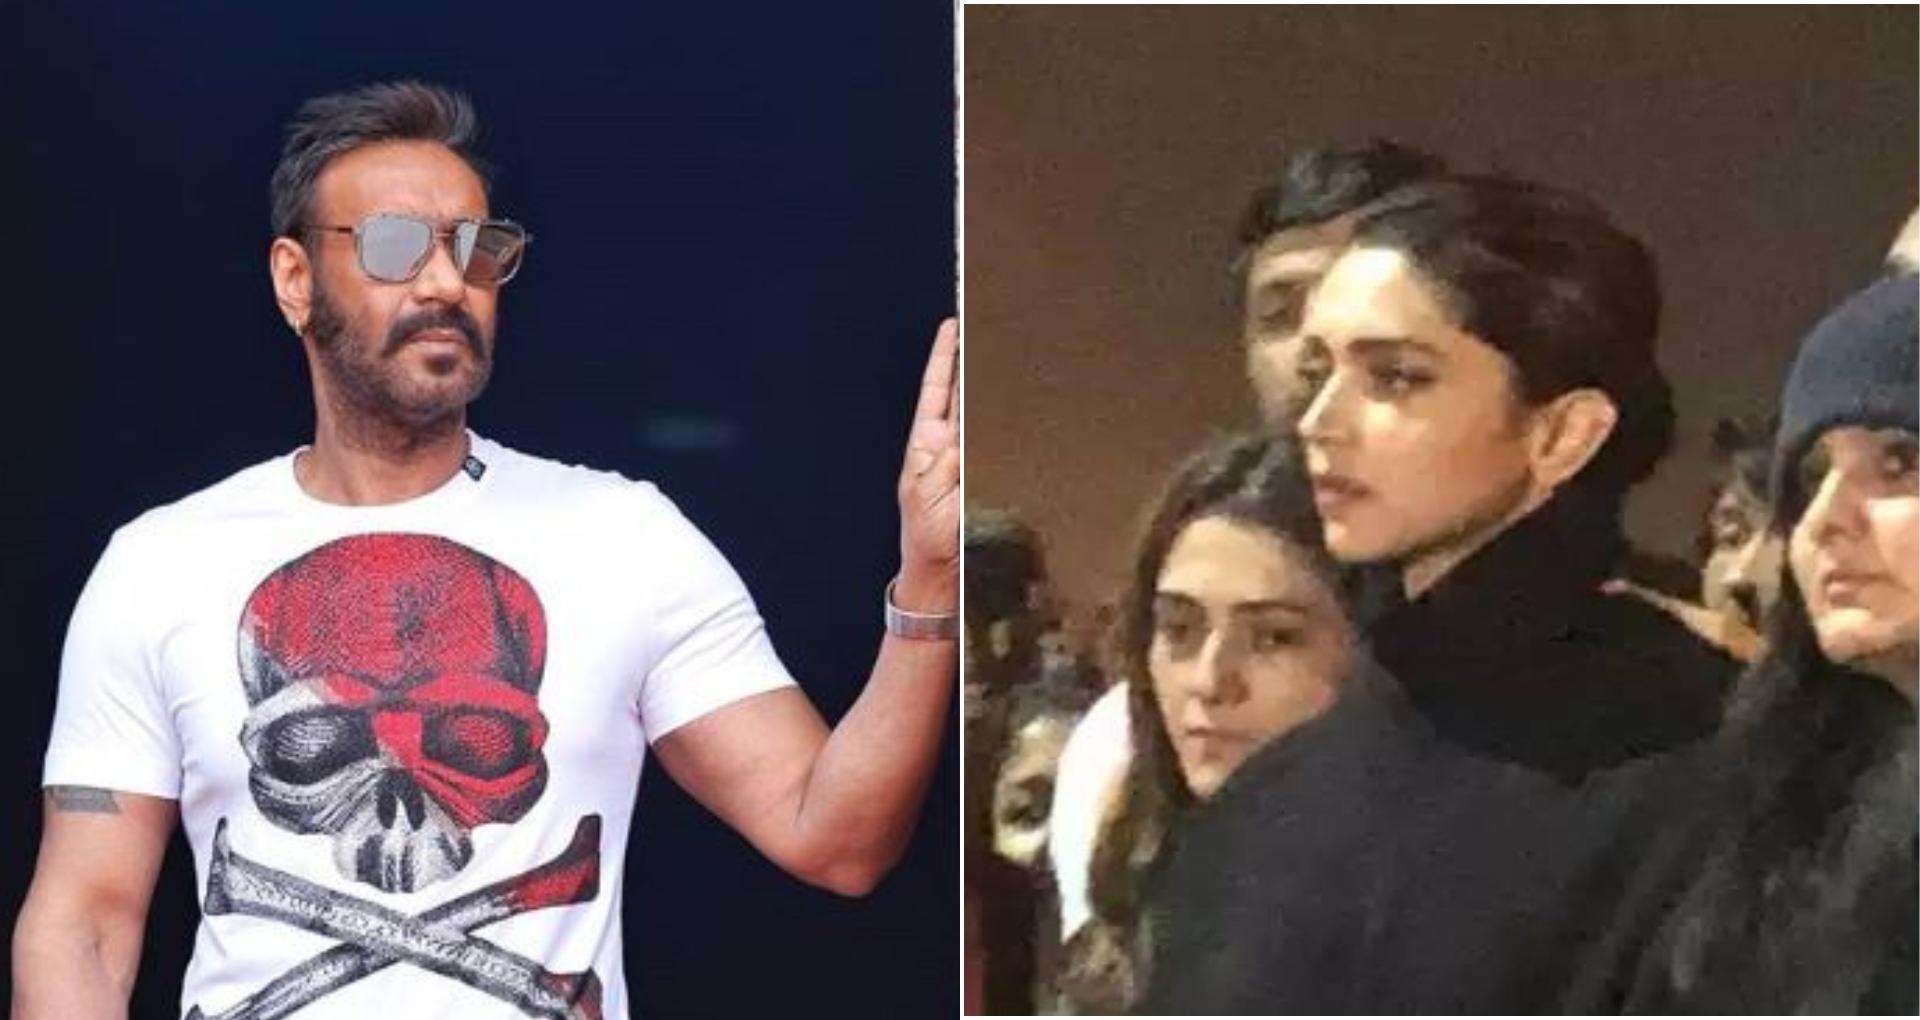 दीपिका पादुकोण के JNU जाने के विवाद पर अजय देवगन ने दी अपनी राय, कहा, 'मेरे पास खुद के लिए समय नहीं है…'